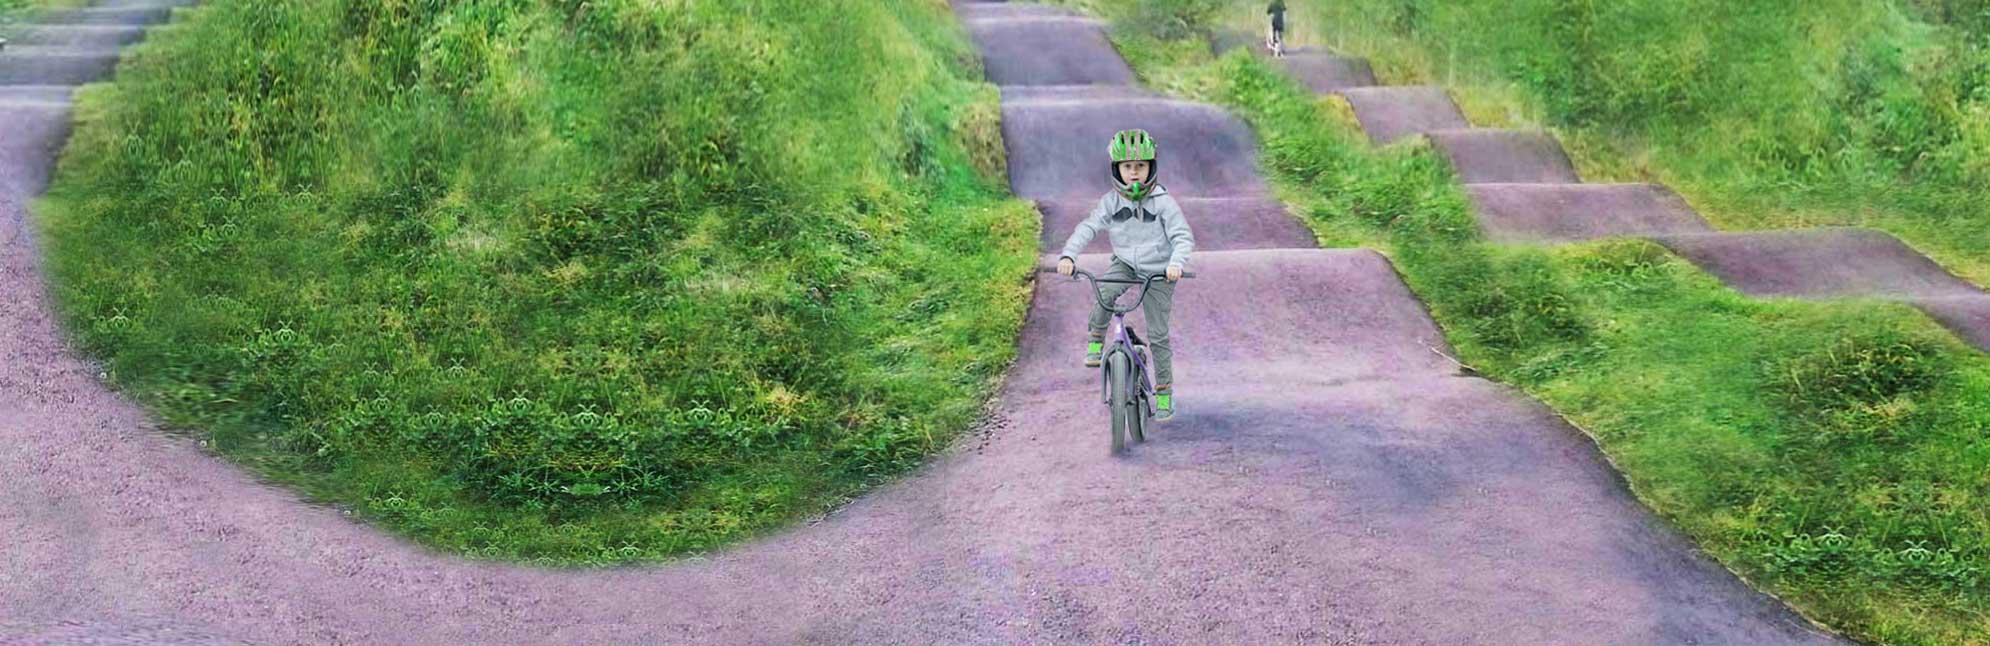 Asphalt Pumptrack Mountainbike Strecke